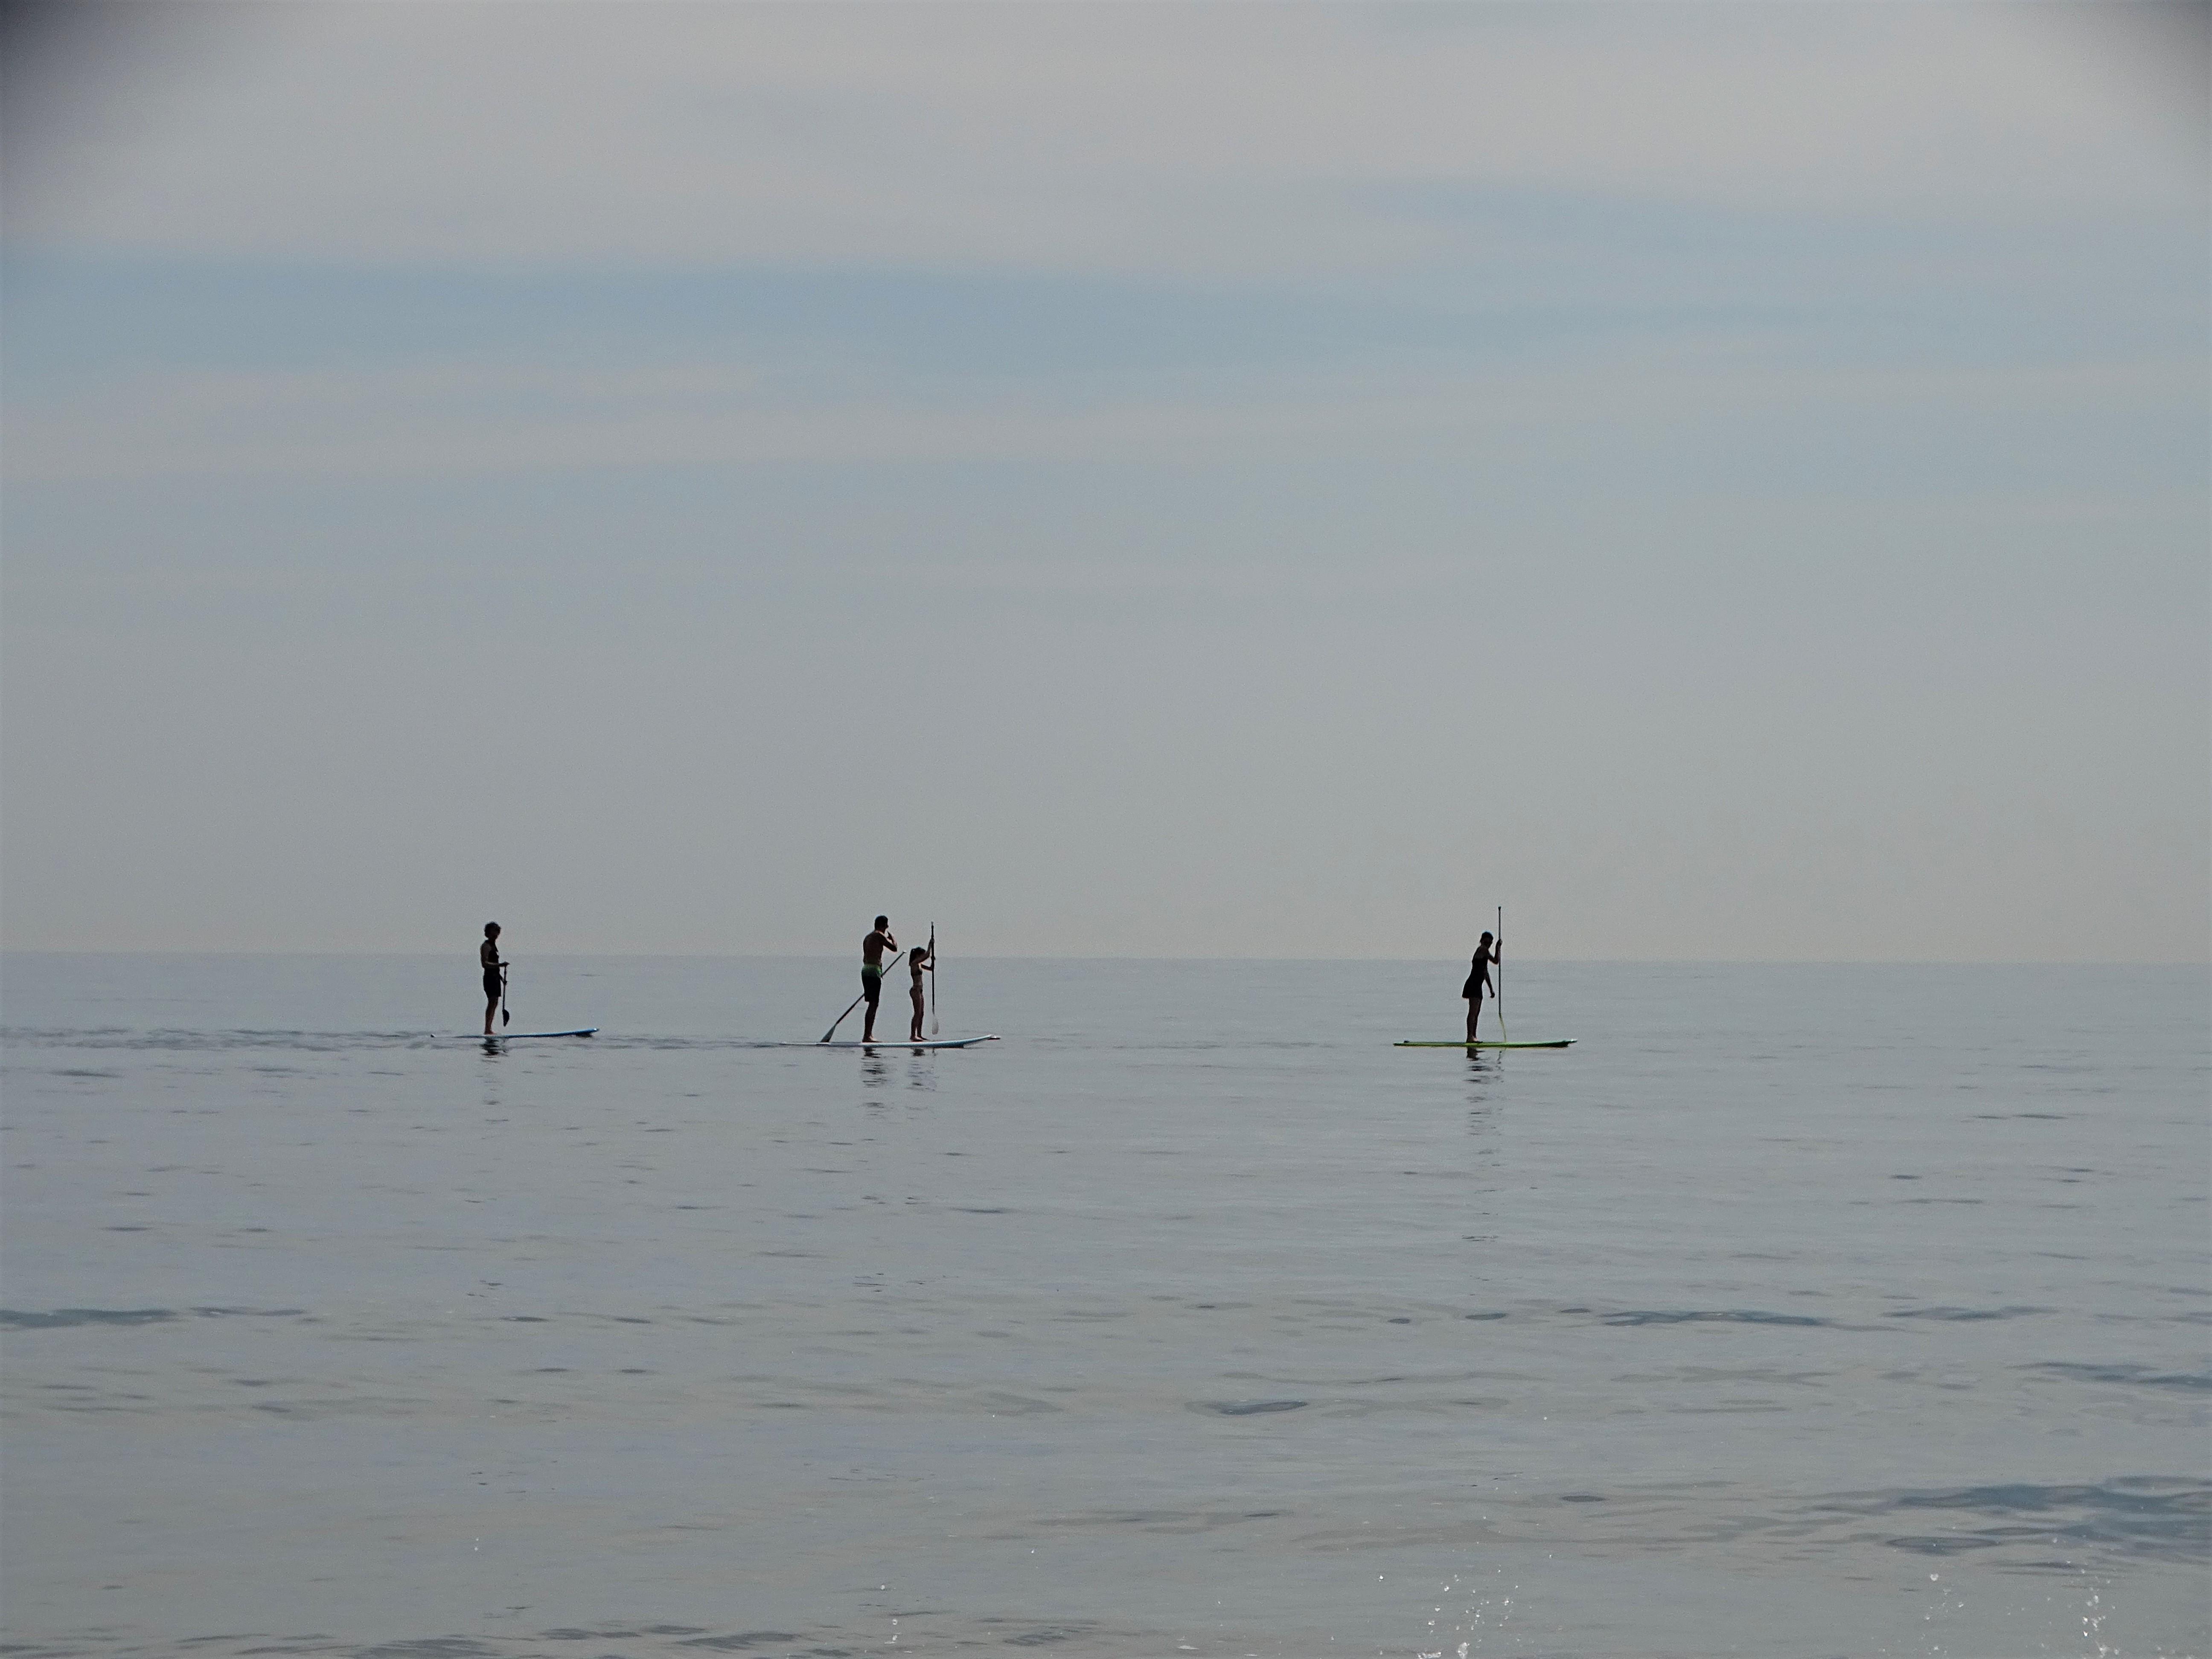 Stand-up-paddling-Fotos-Nadia-Baumgart